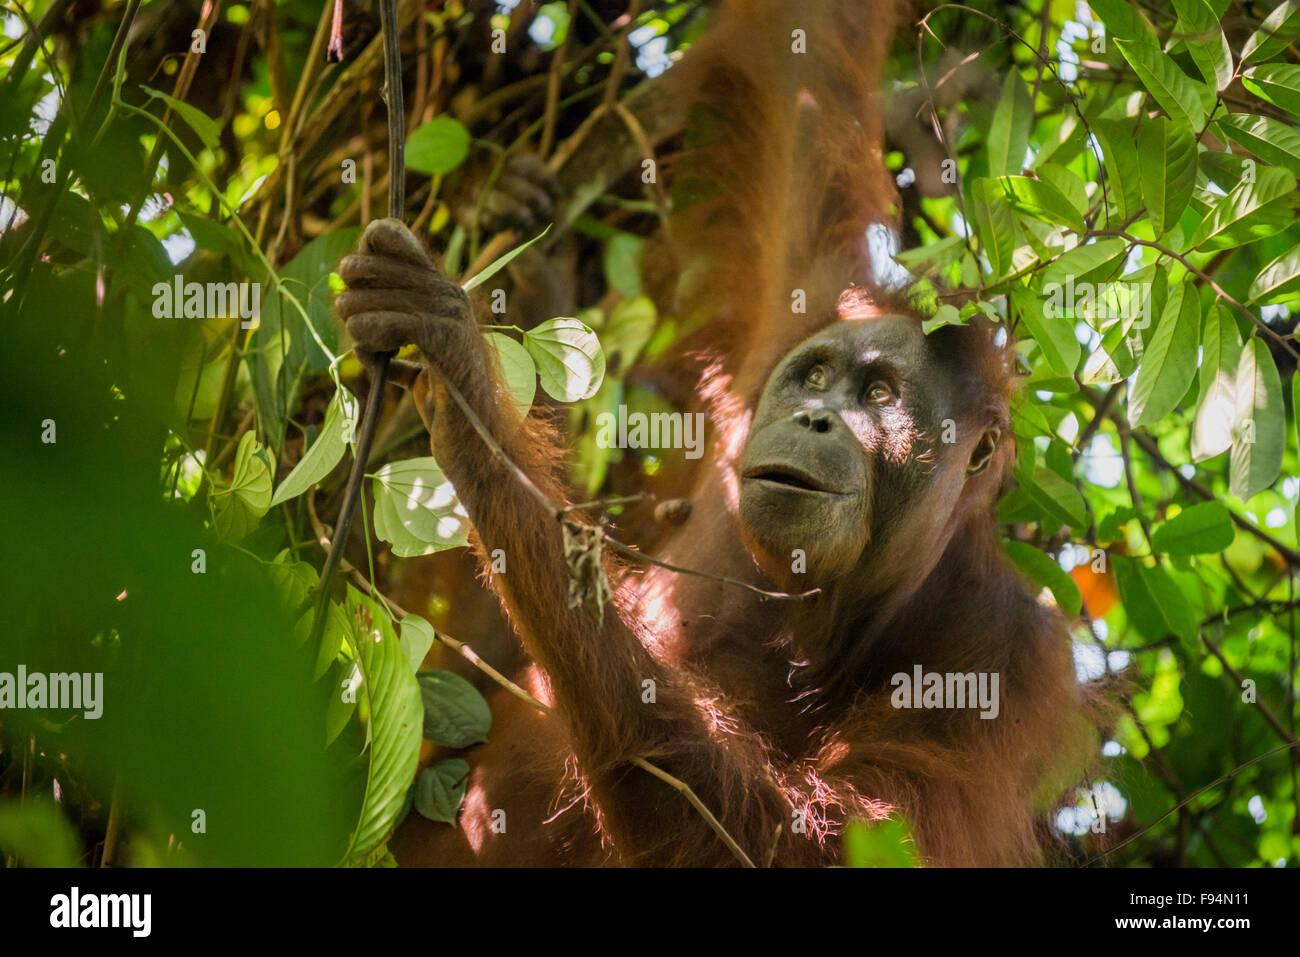 L'orang-outan femelle adulte de l'Est de Bornéo. Banque D'Images